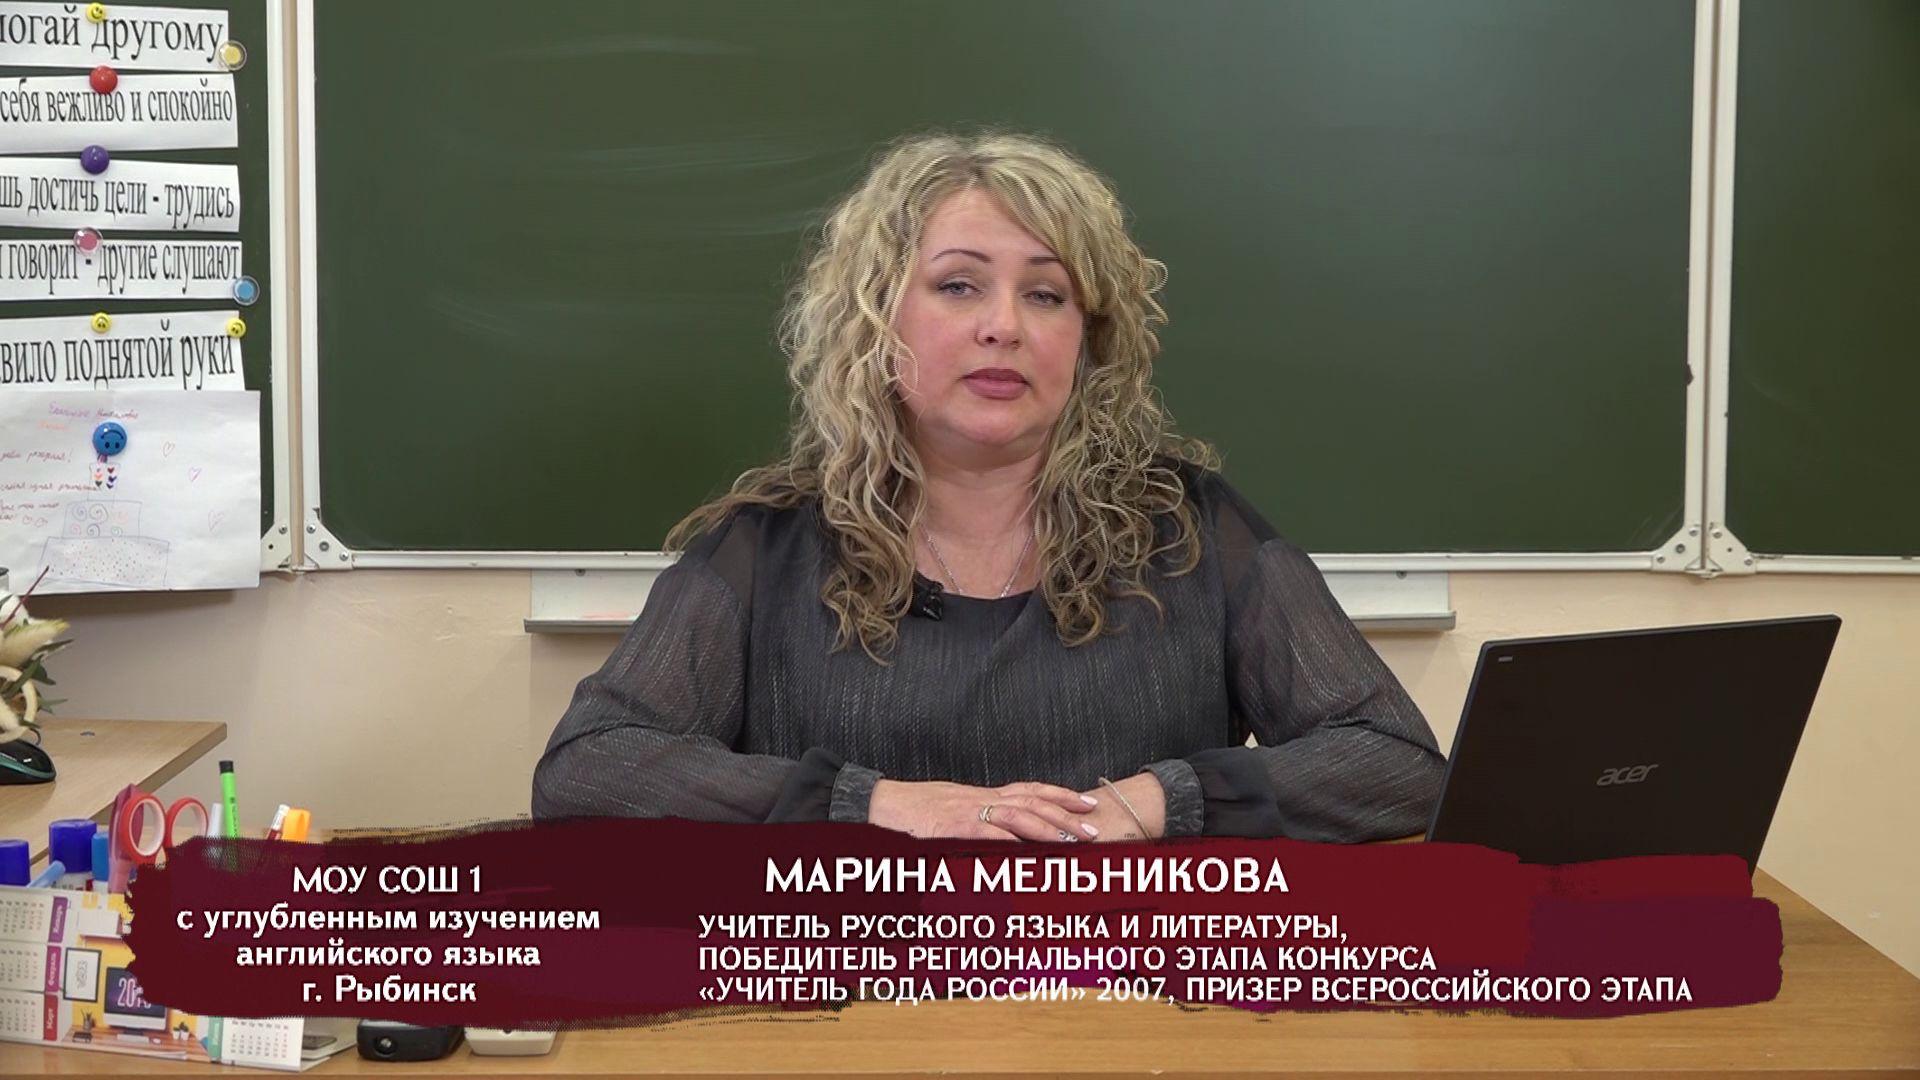 Телеуроки. Марина Мельникова. «Грамматические (синтаксические) нормы русского языка»